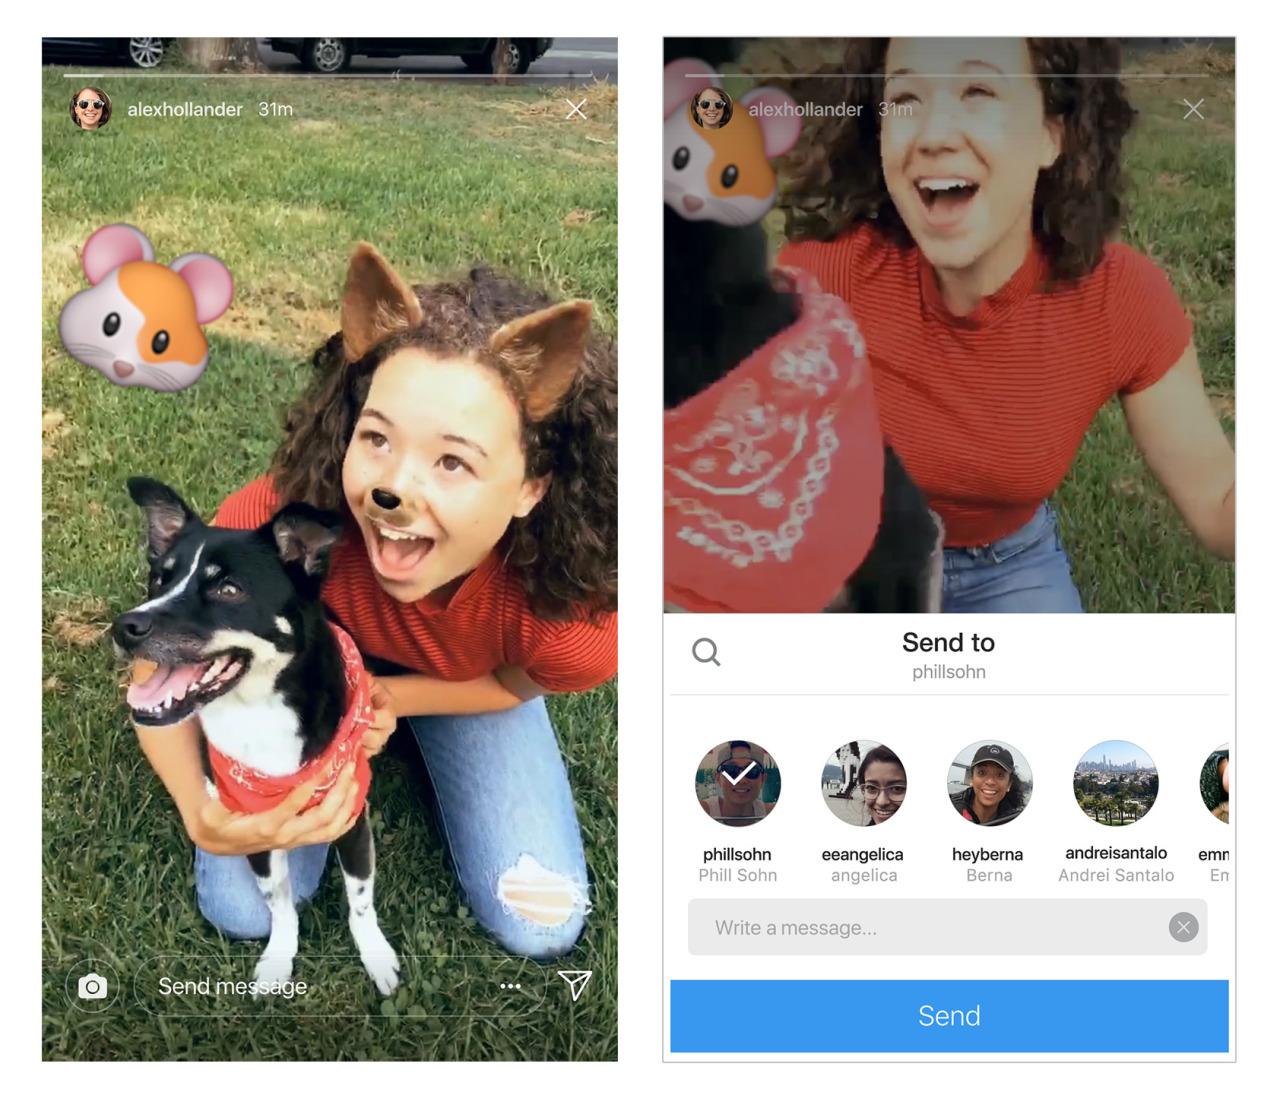 Berbagi Cerita Instagram melalui Direct